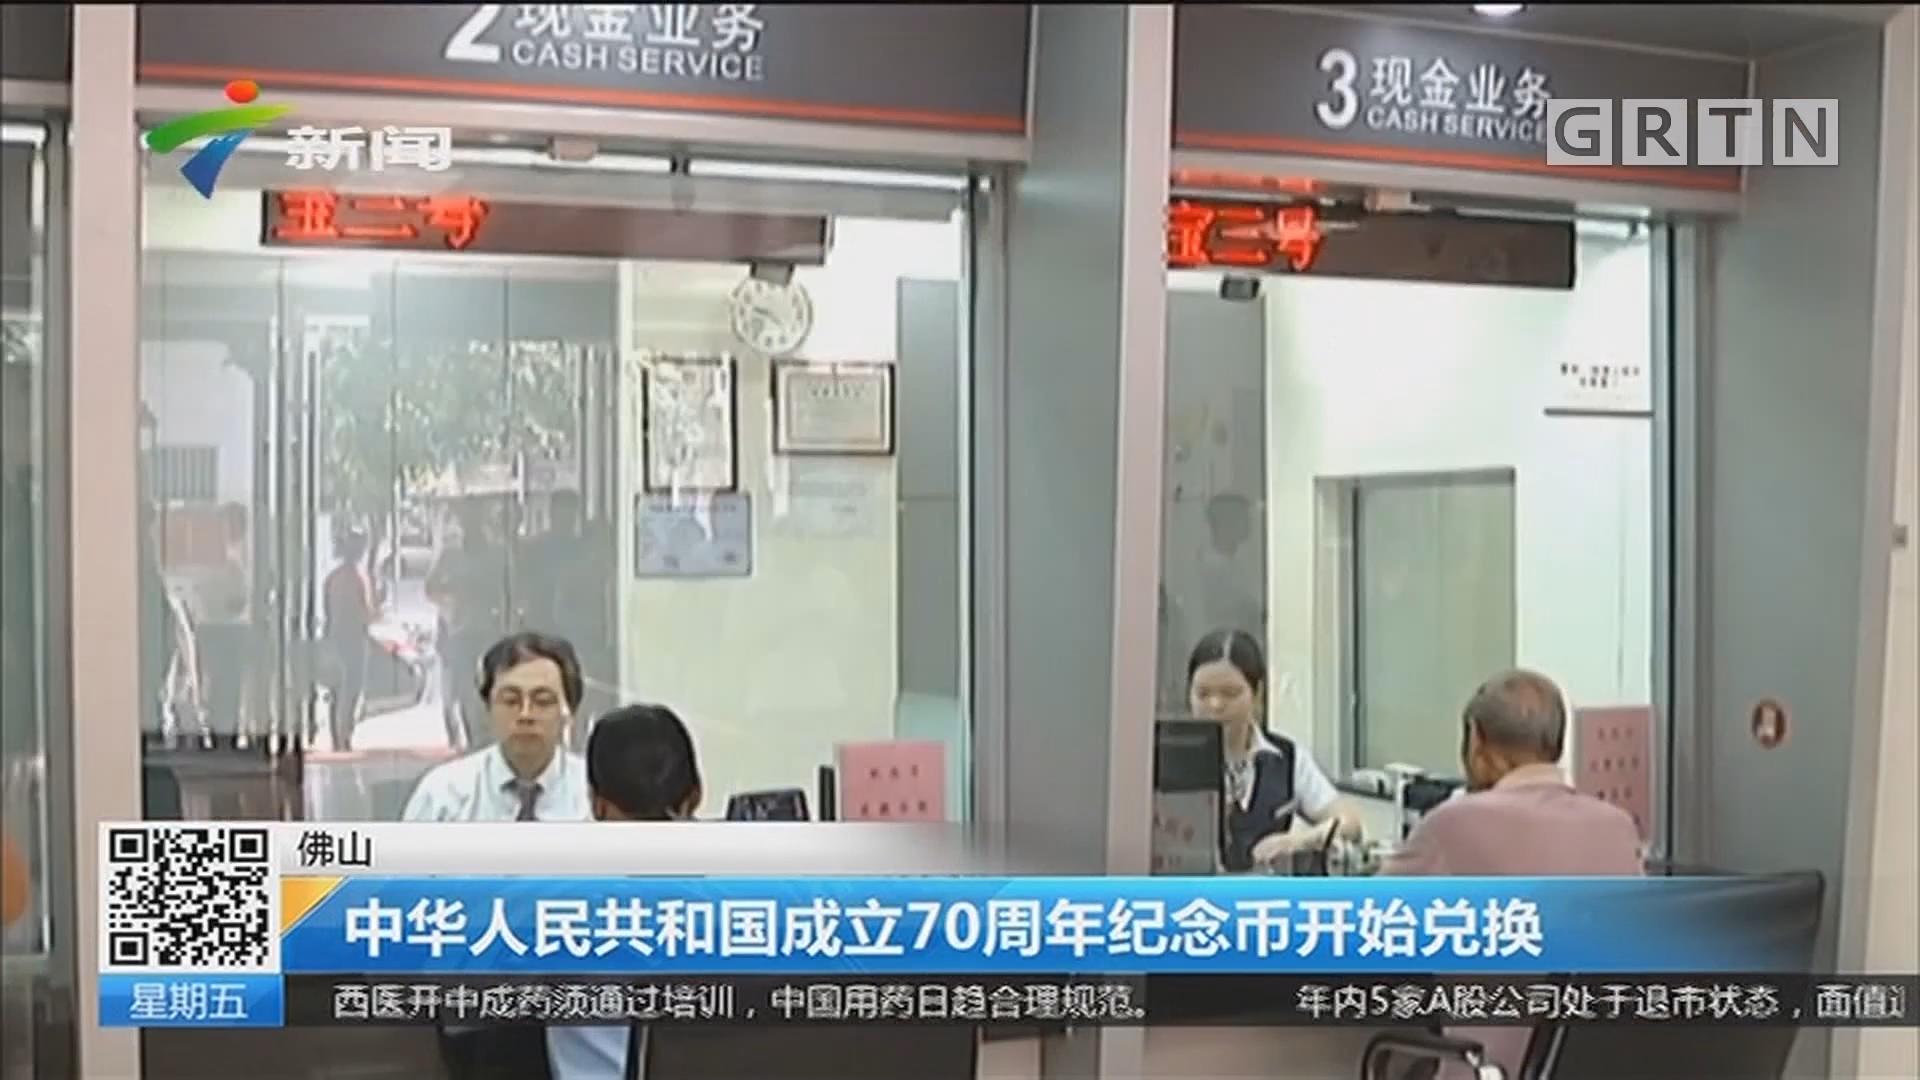 佛山 中华人民共和国成立70周年纪念币开始兑换